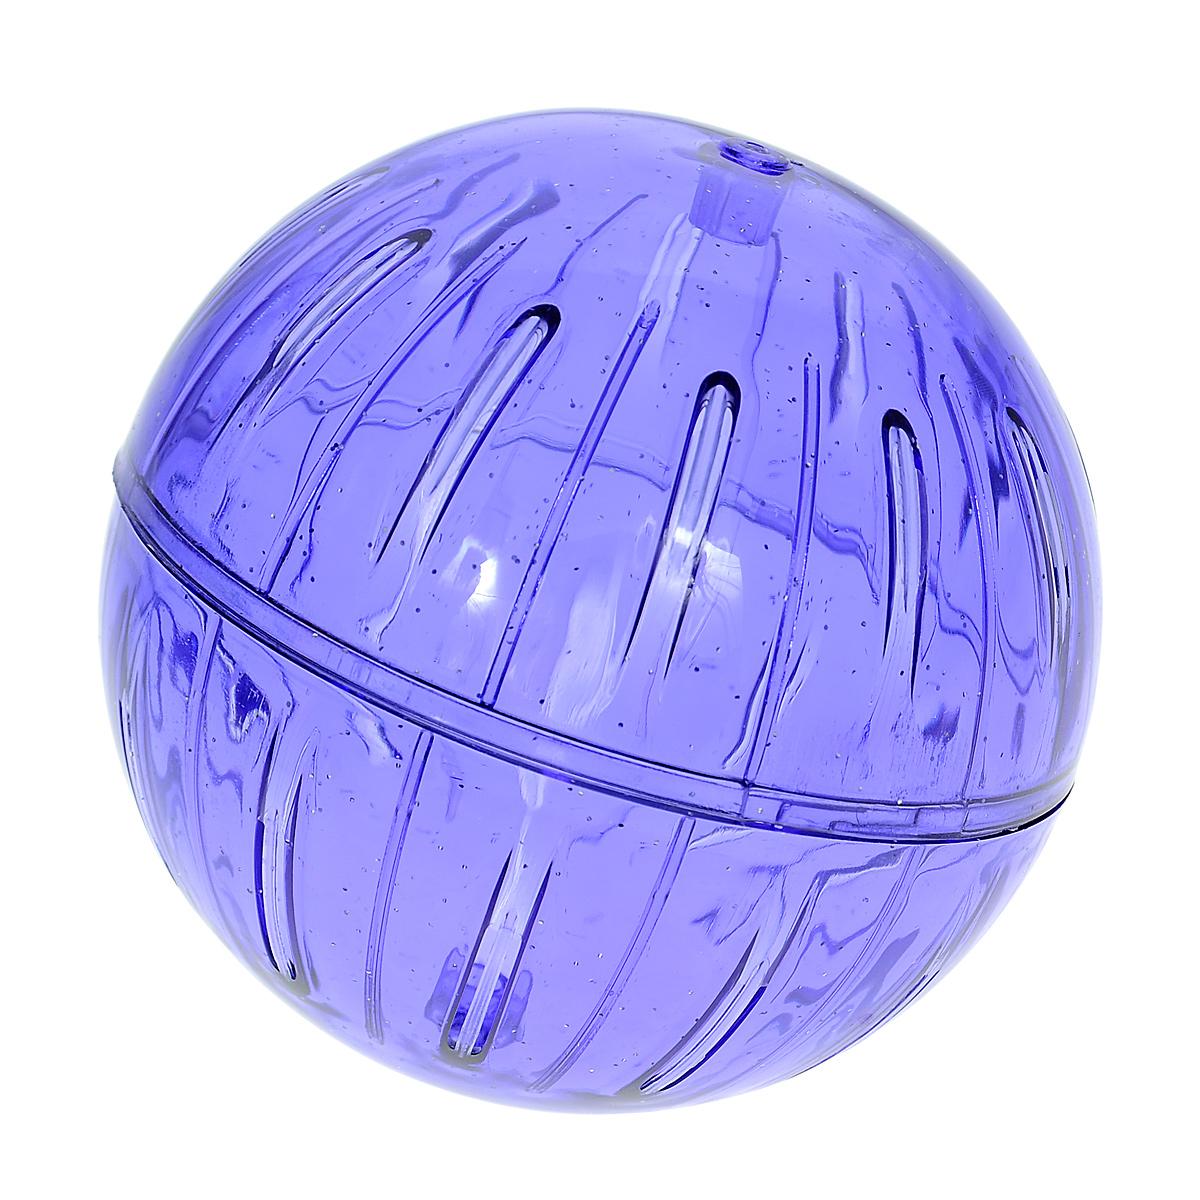 Игрушка для грызунов I.P.T.S. Шар прогулочный, цвет: синий, диаметр 12 см805634_синийИгрушка для грызунов I.P.T.S. Шар прогулочный изготовлена из нетоксичного высококачественного пластика. Шар легко моется. Устойчивая конструкция с двумя защелкивающимися половинками обеспечит безопасность и предохранит вашего питомца от побега. Большие вентиляционные отверстия обеспечивают хорошую циркуляцию воздуха, а специально разработанные выступы для лап - удобство при передвижении. Прогулка в таком шаре обеспечит грызуну нагрузку, а значит, поможет поддержать хорошую физическую форму.Чтобы правильно подобрать шар, следует измерить длину животного: диаметр шара должен быть чуть больше, чем длина вашего питомца.Диаметр шара: 12 см.